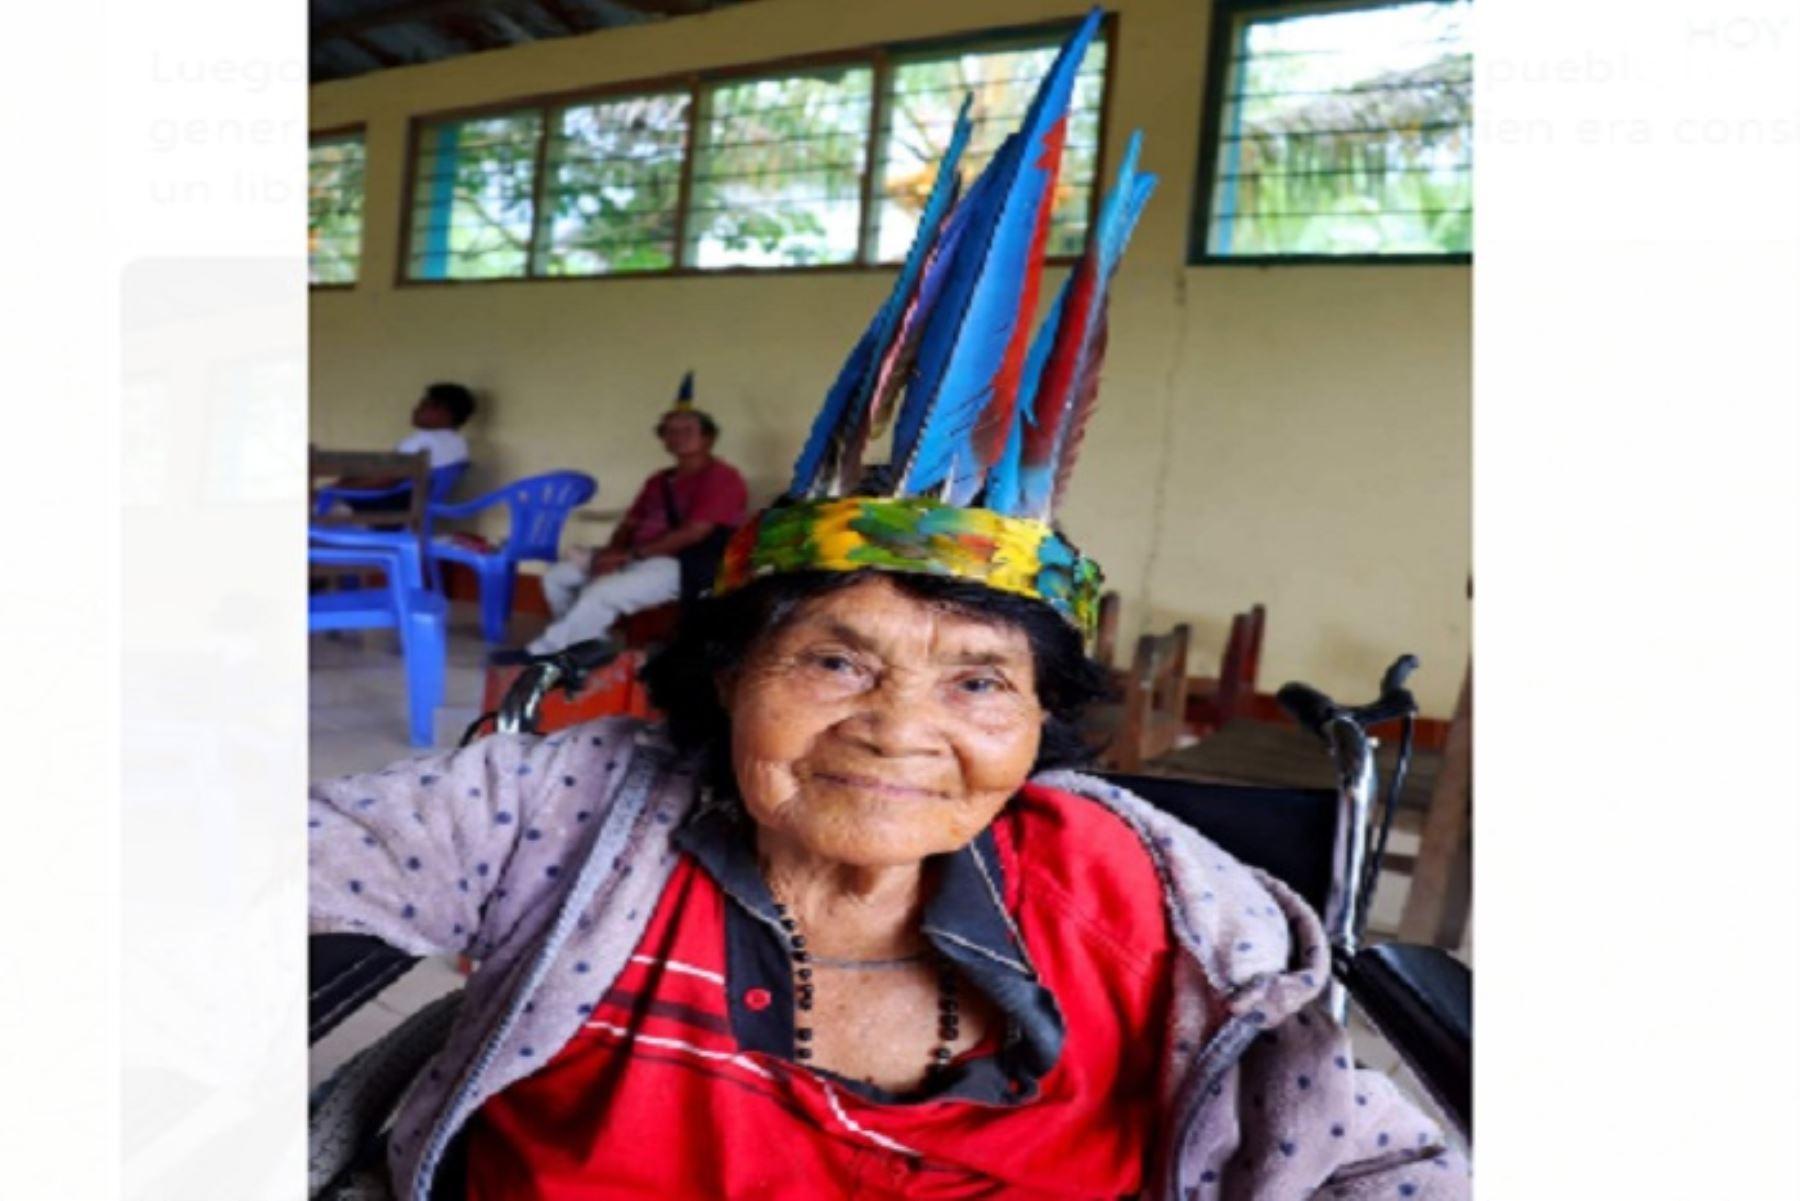 Andrea era considerada un libro viviente para sus hermanos indígenas, así como para historiadores, periodistas, antropólogos y otros estudiosos que recurrían a ella para reconstruir la historia del pueblo harakbut.